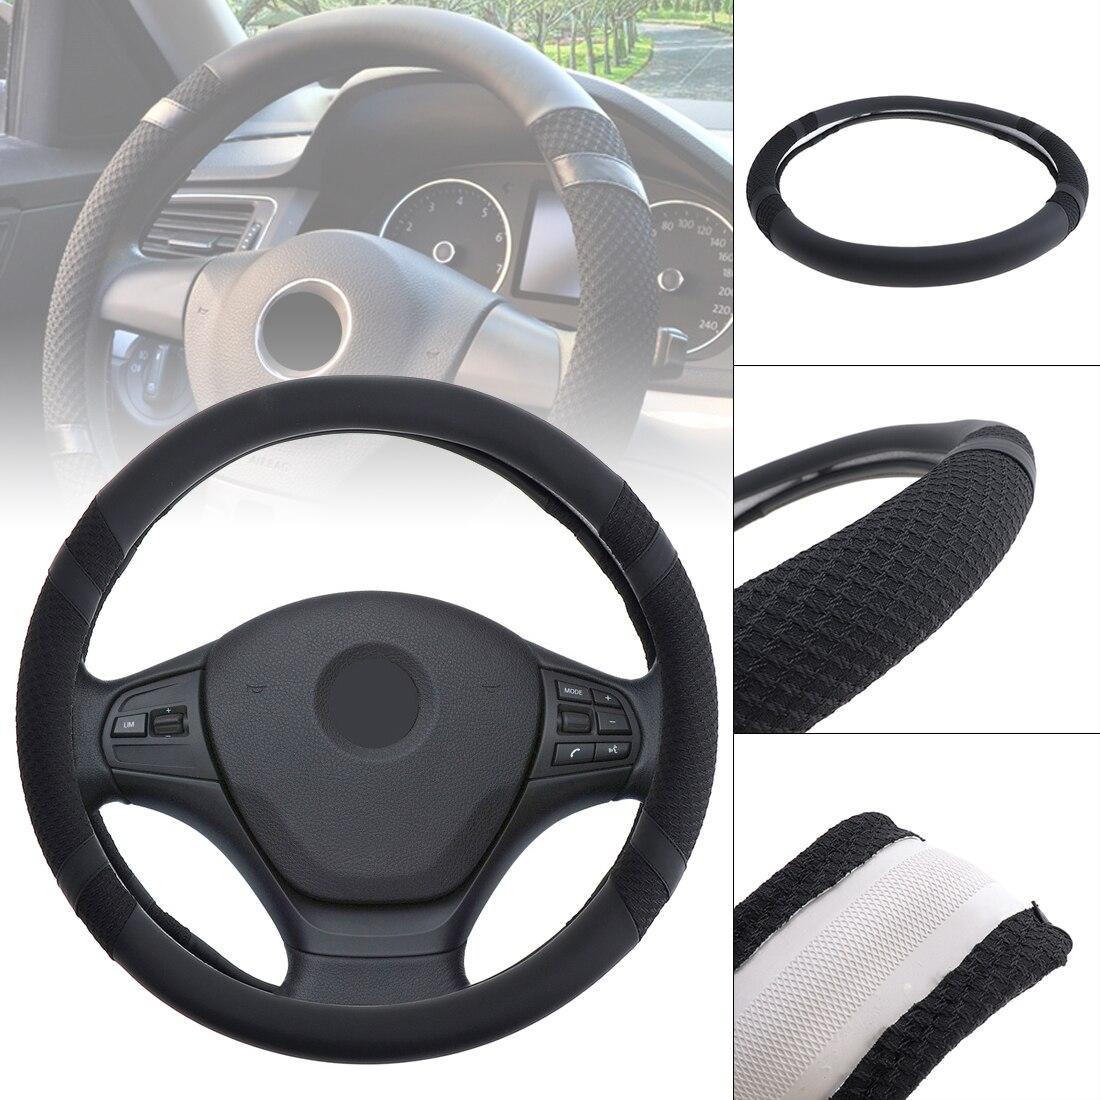 38 CM high grade Leather Car Steering Wheel Cover Soft Anti-Slip Steering Cover steering-wheel cubre funda volante coprivolante